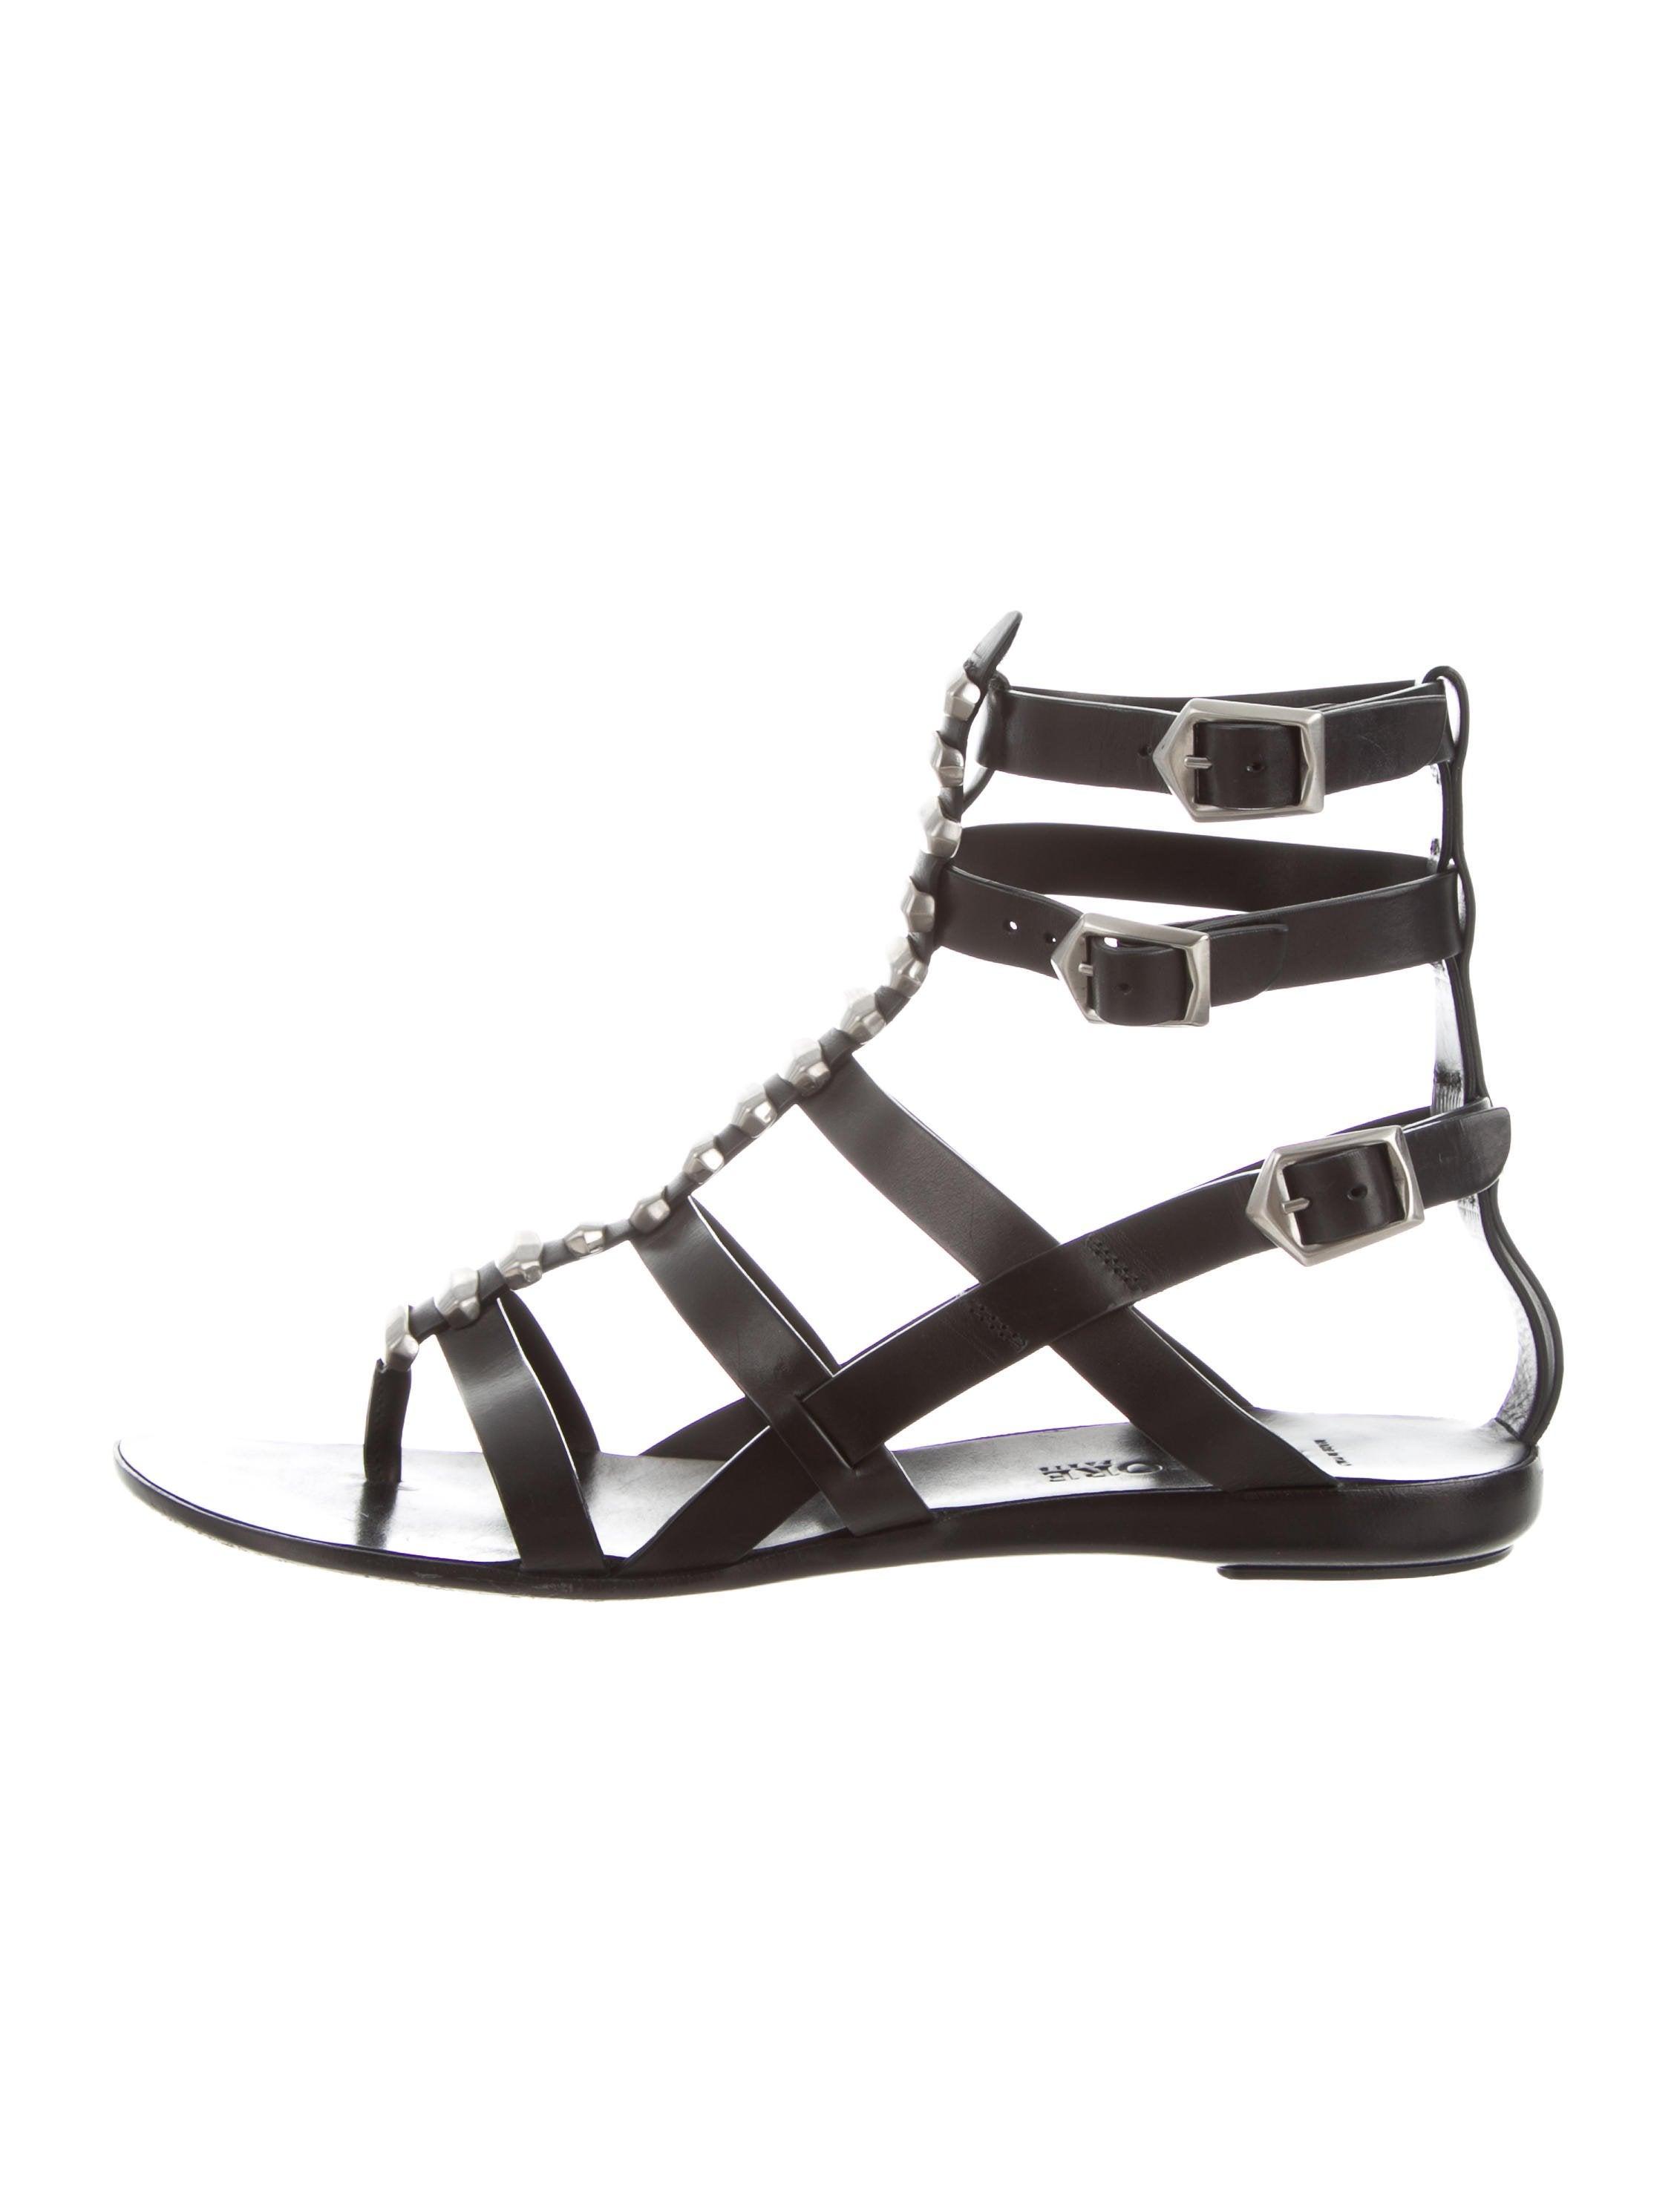 Sartore Gladiator Thong Sandals popular sale online txa2ius8s